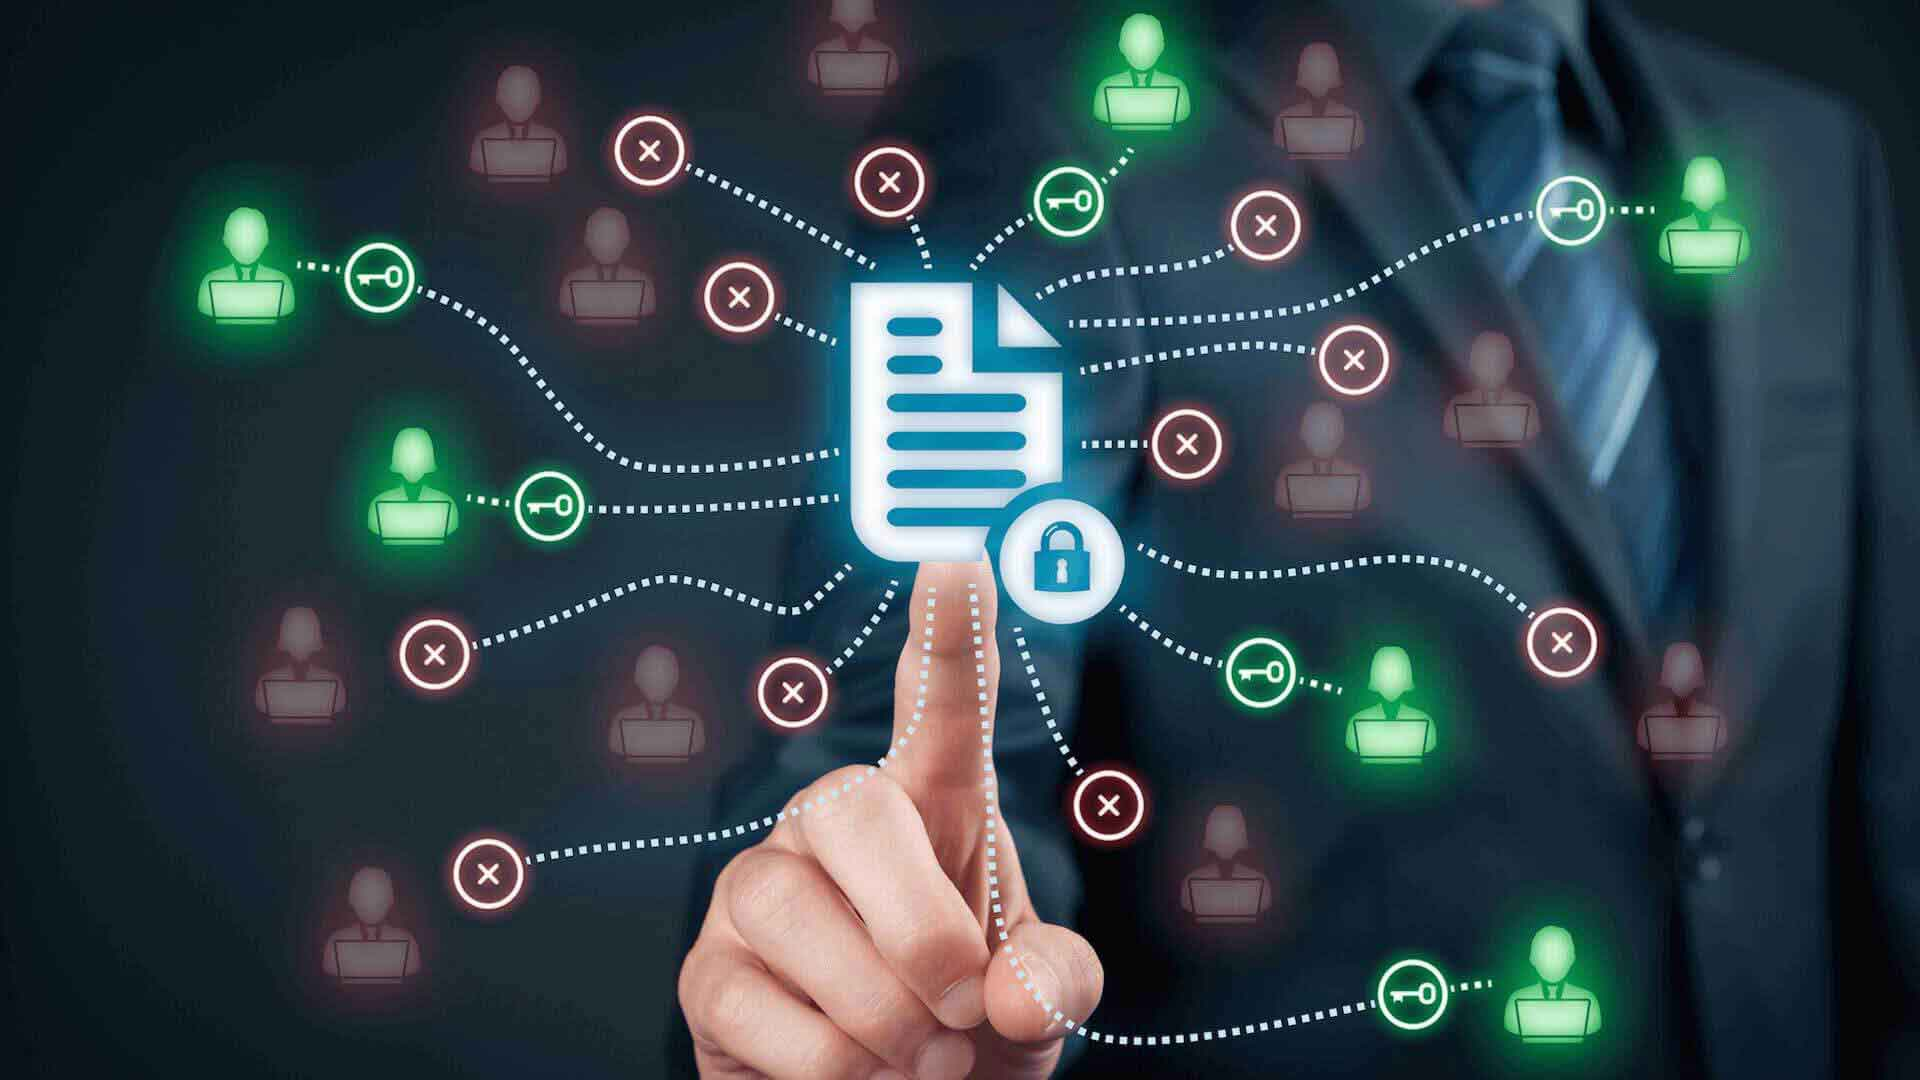 Закон 152-ФЗ. Что нужно делать владельцам сайтов